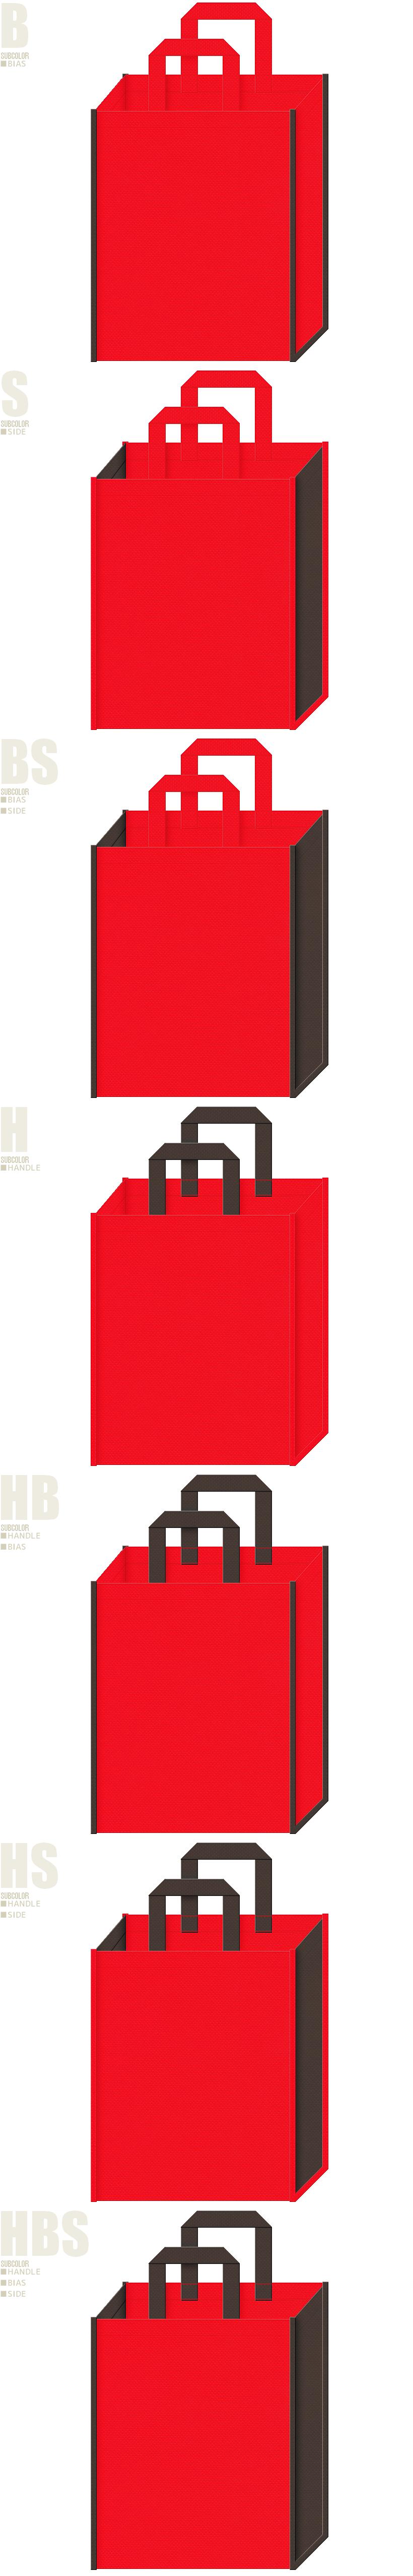 野点傘・和傘・茶会・お祭り・和風催事・暖炉・ストーブ・暖房器具・トナカイ・クリスマスにお奨めの不織布バッグデザイン:赤色とこげ茶色の配色7パターン